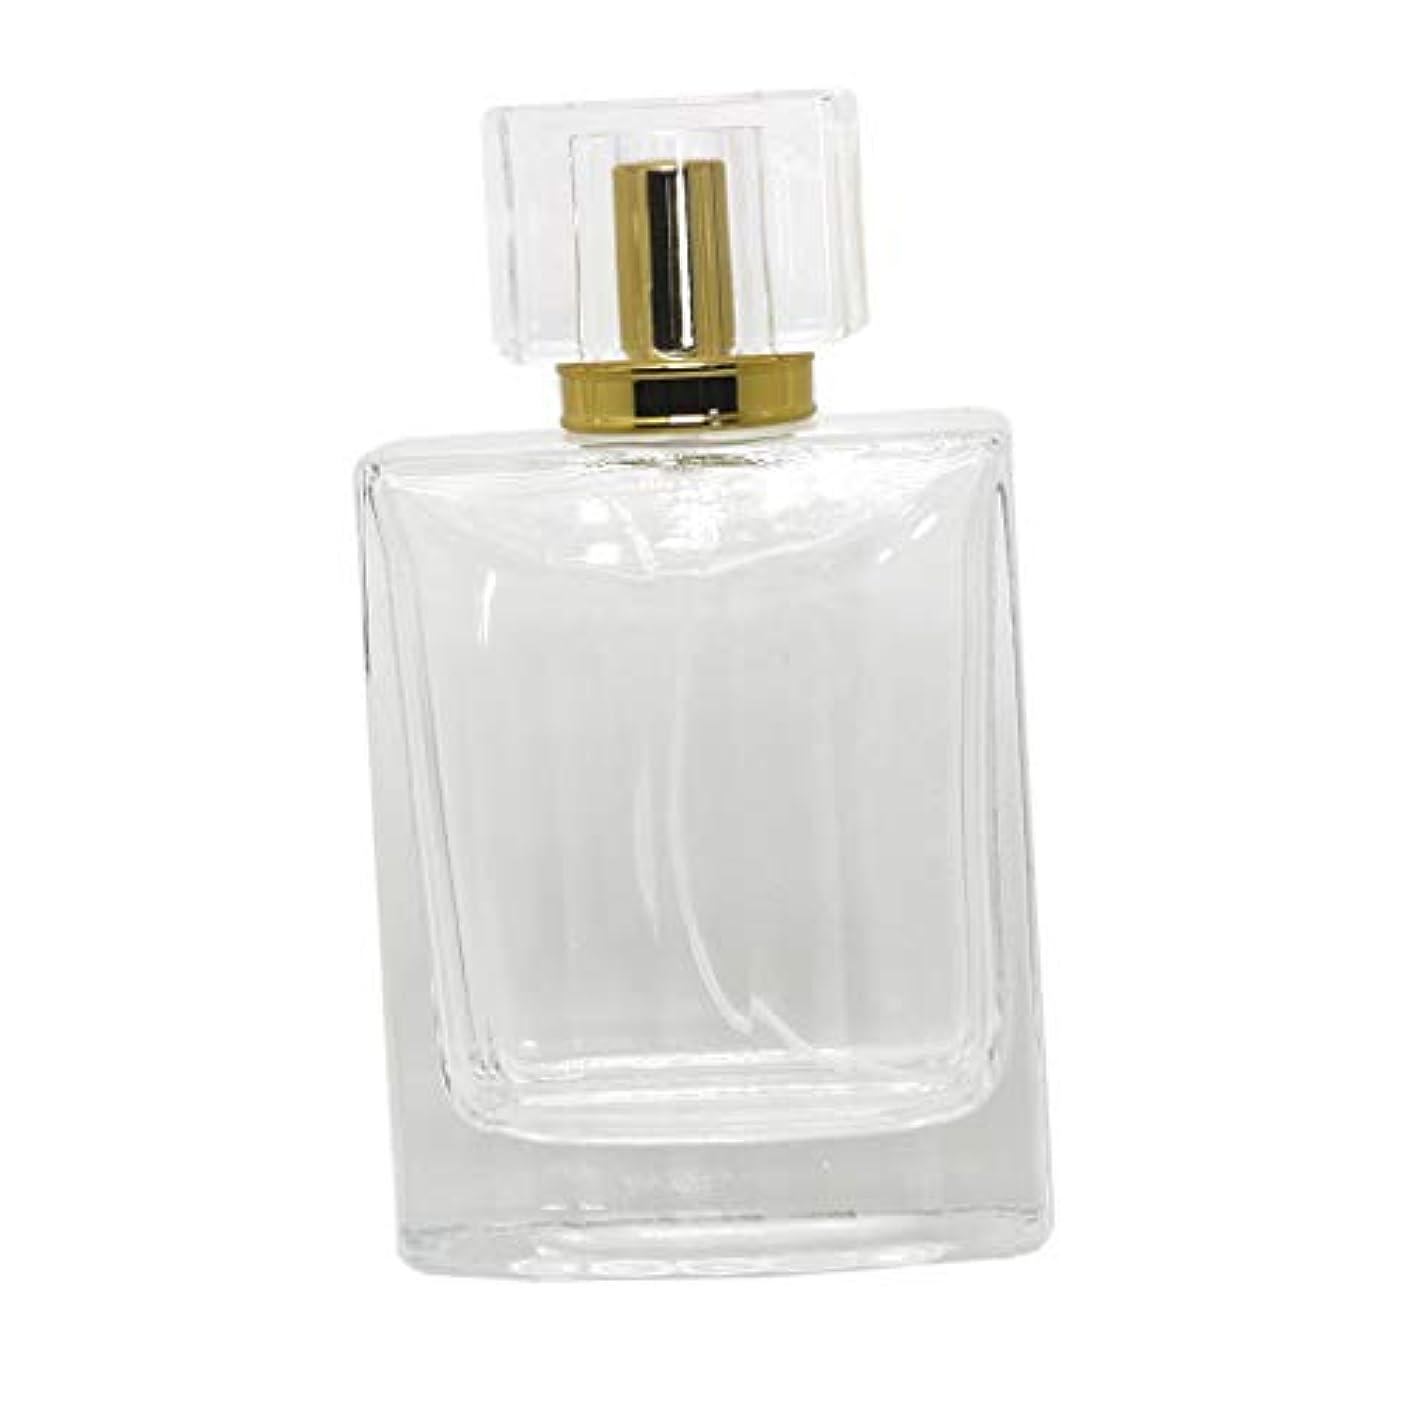 画面ラビリンス見せますノーブランド品  100ml  矩形 香水瓶 スプレーボトル アトマイザー 詰め替え 旅行携帯便利  - コー??ヒー